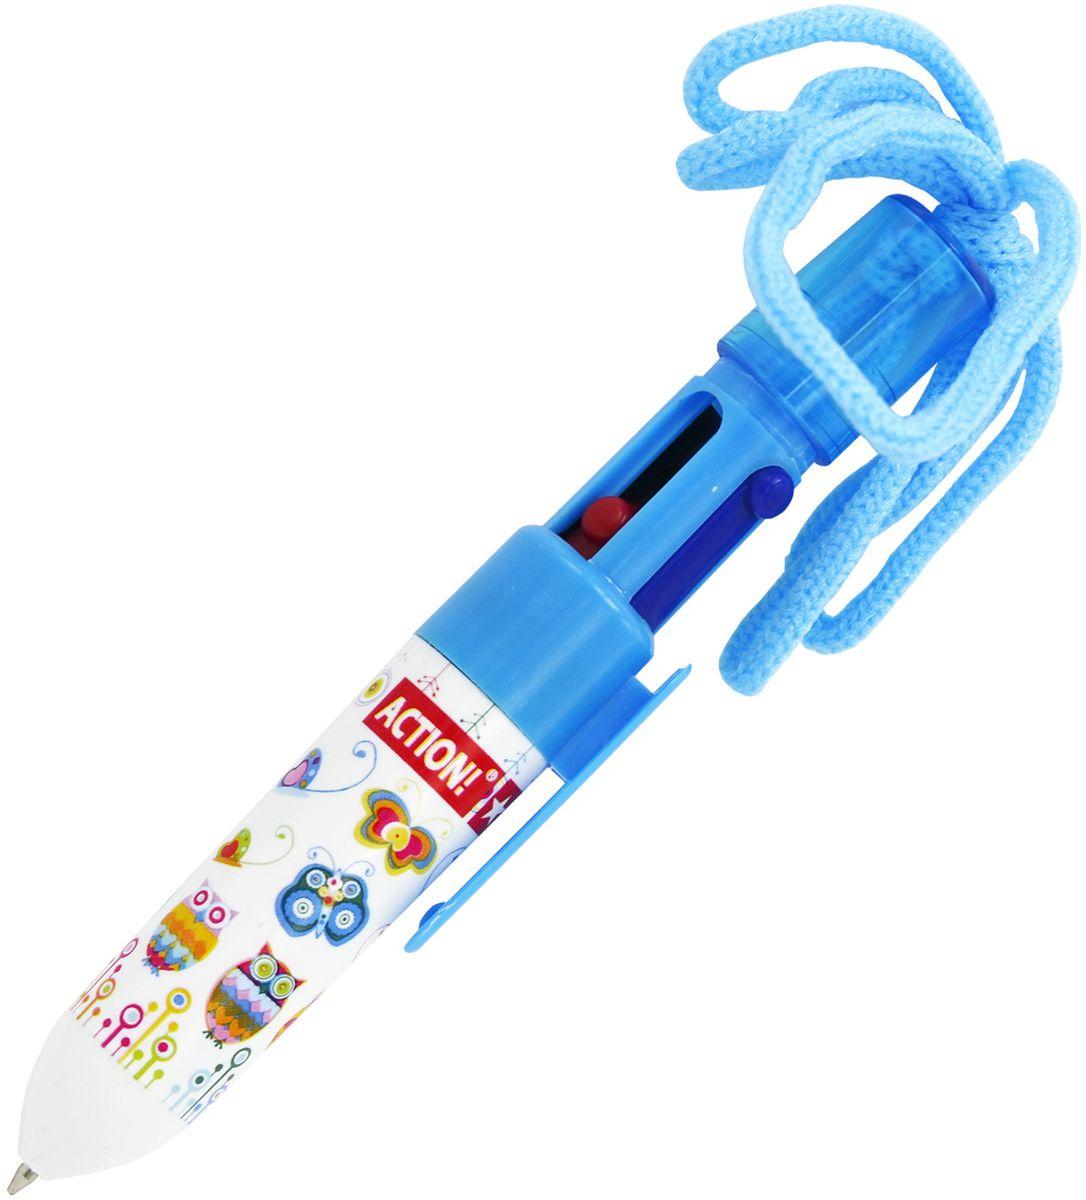 Action! Ручка шариковая на шнурке 4 цветаABP202/4Шариковая ручка Action! предназначена для письма на бумаге в пластиковом корпусе. Имеет 4 цвета: черный, синий, зеленый, красный. Диаметр шарика - 0,7 мм.